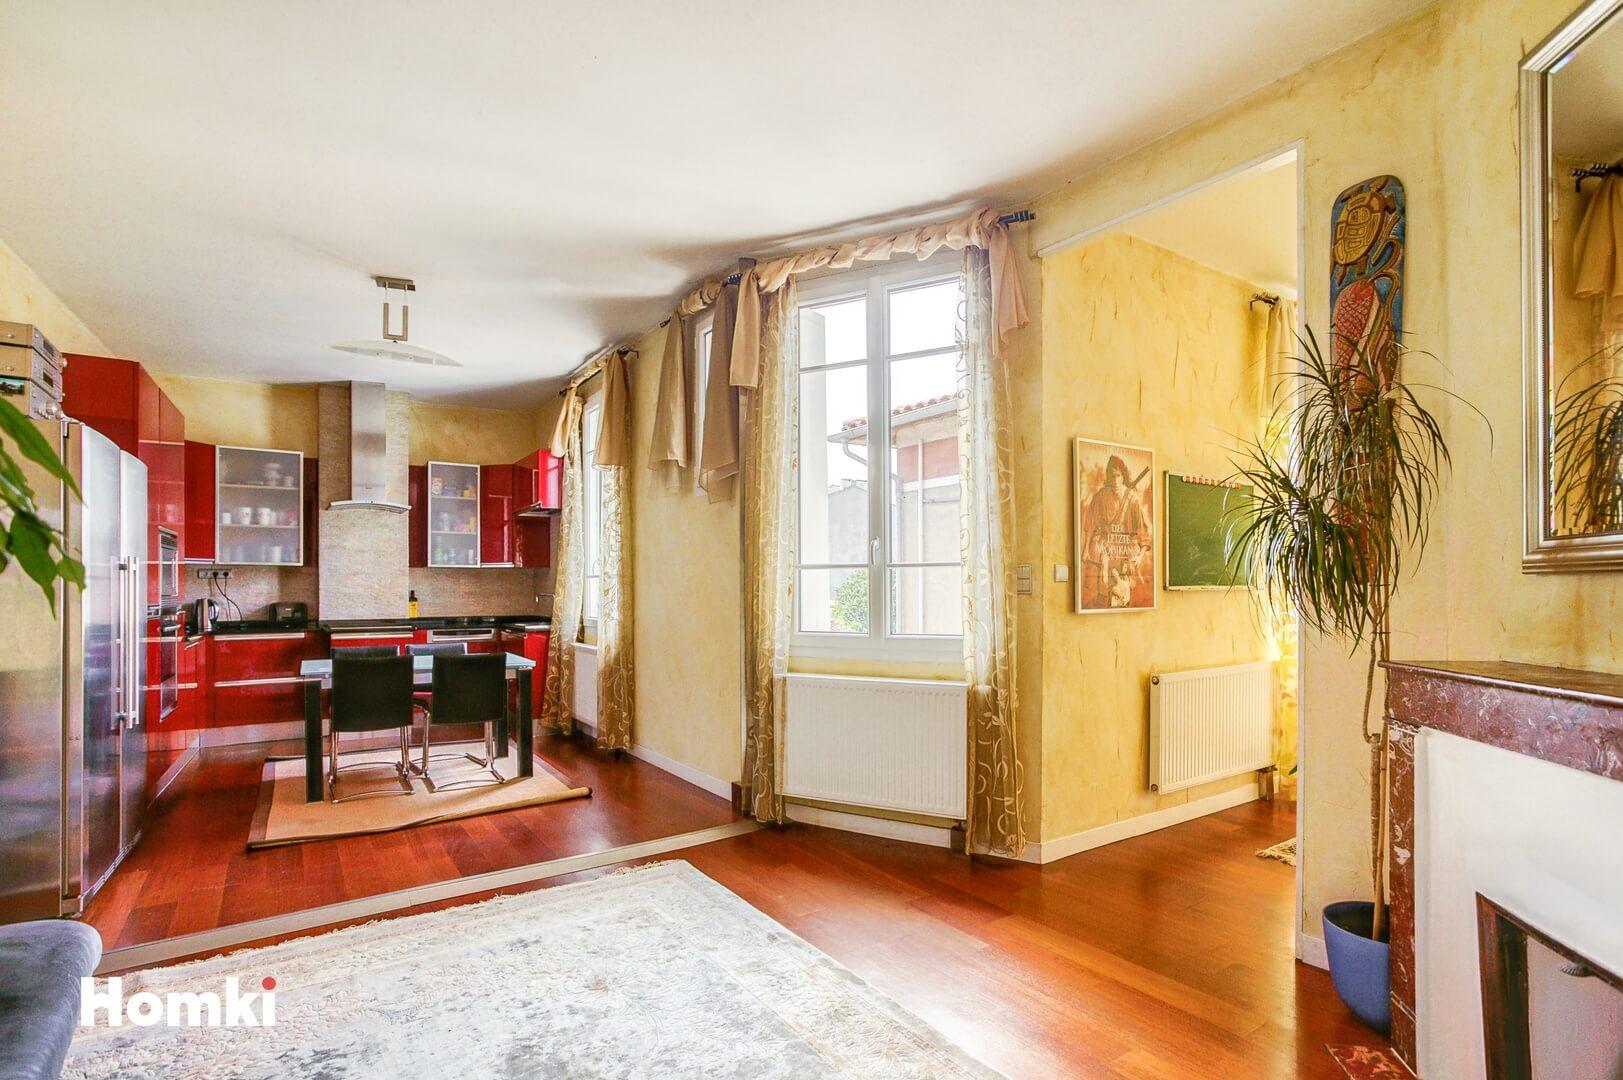 Homki - Vente Appartement  de 125.0 m² à Toulouse 31400